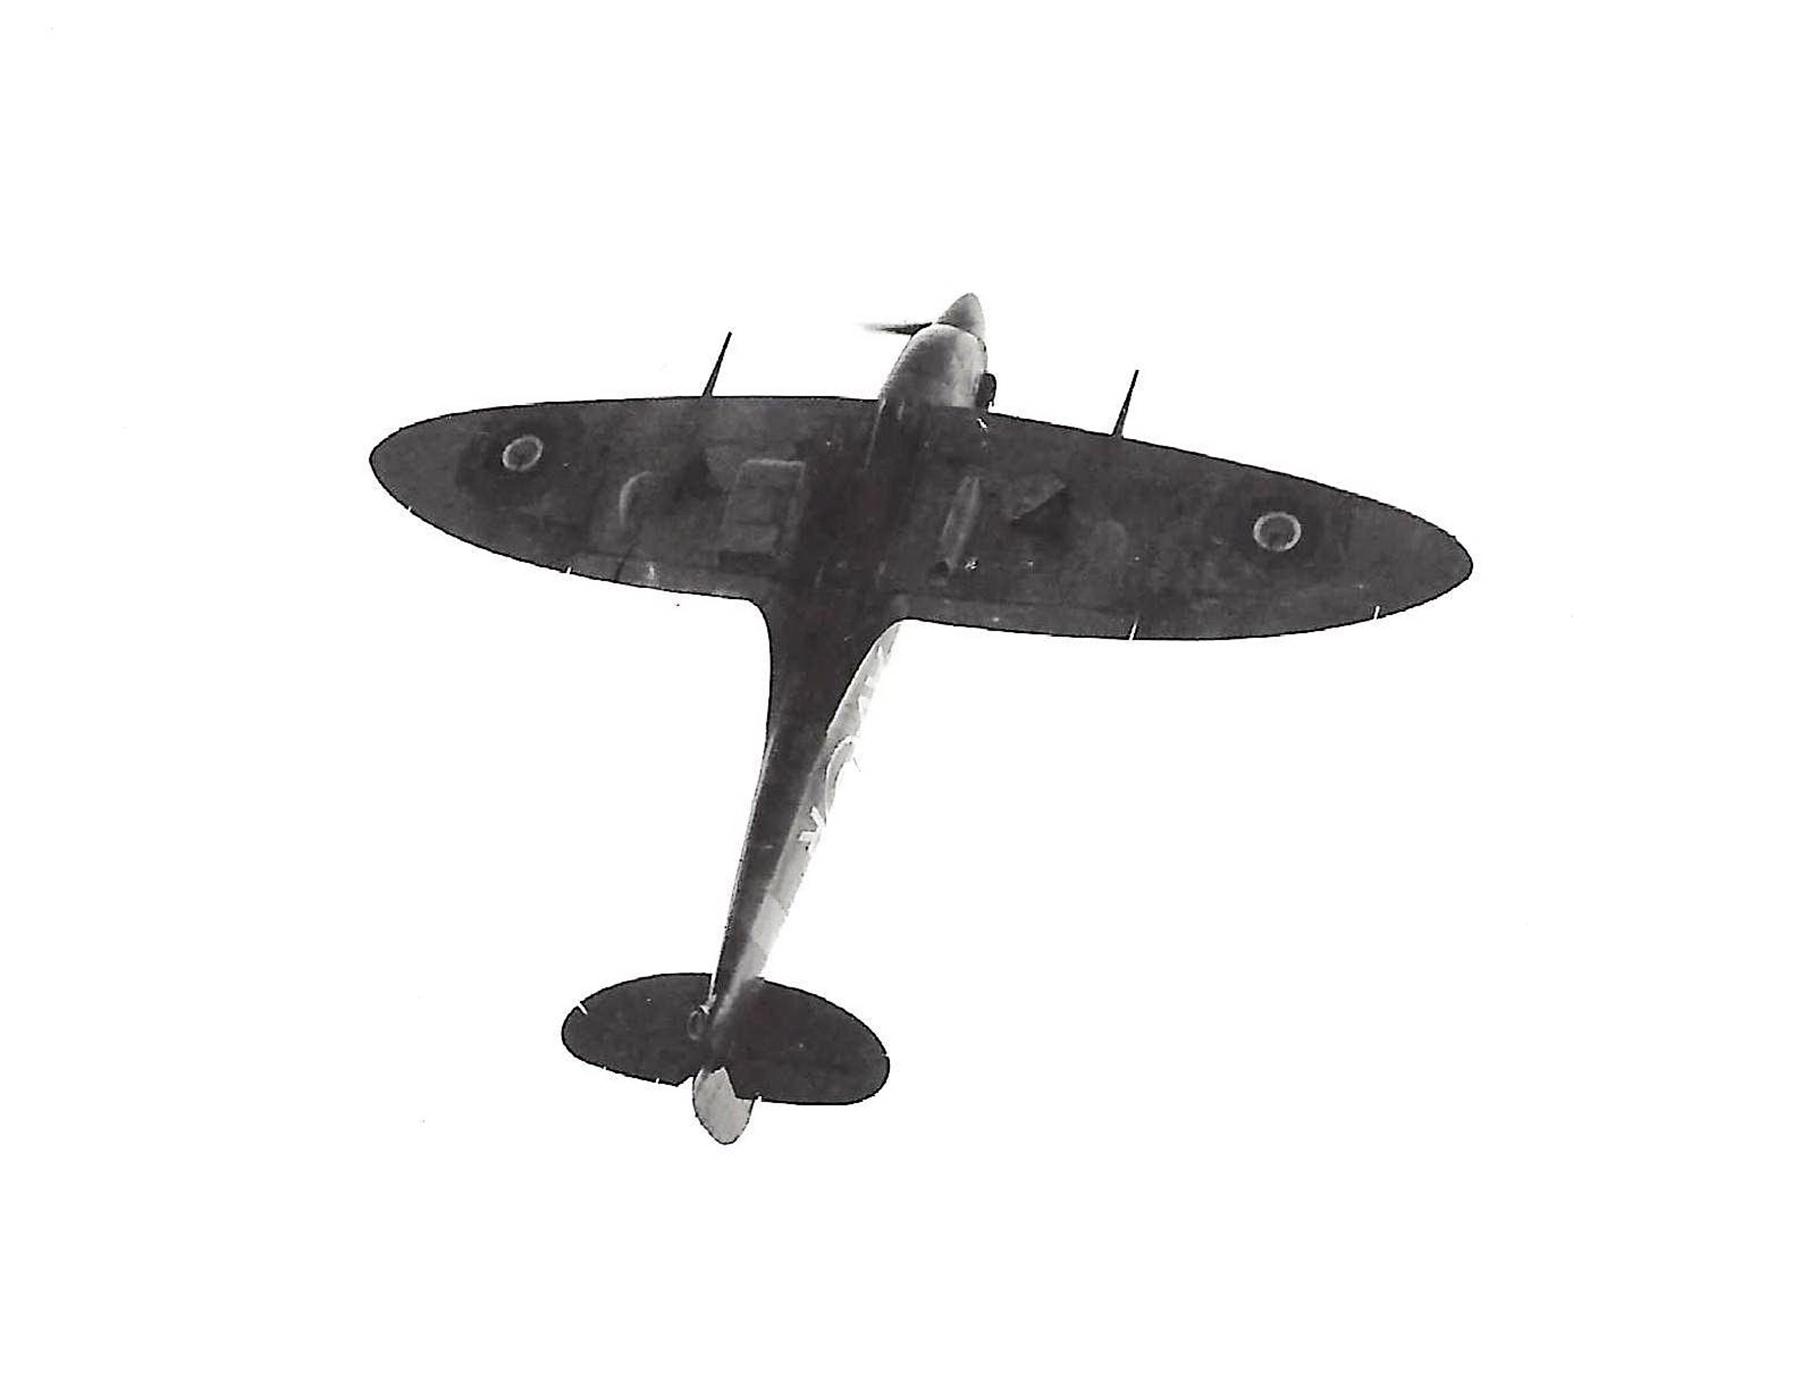 Spitfire MkVb RAF 121Sqn AVR Olga BM590 Debden Essex later USAAF 4FG Dec 1941 03